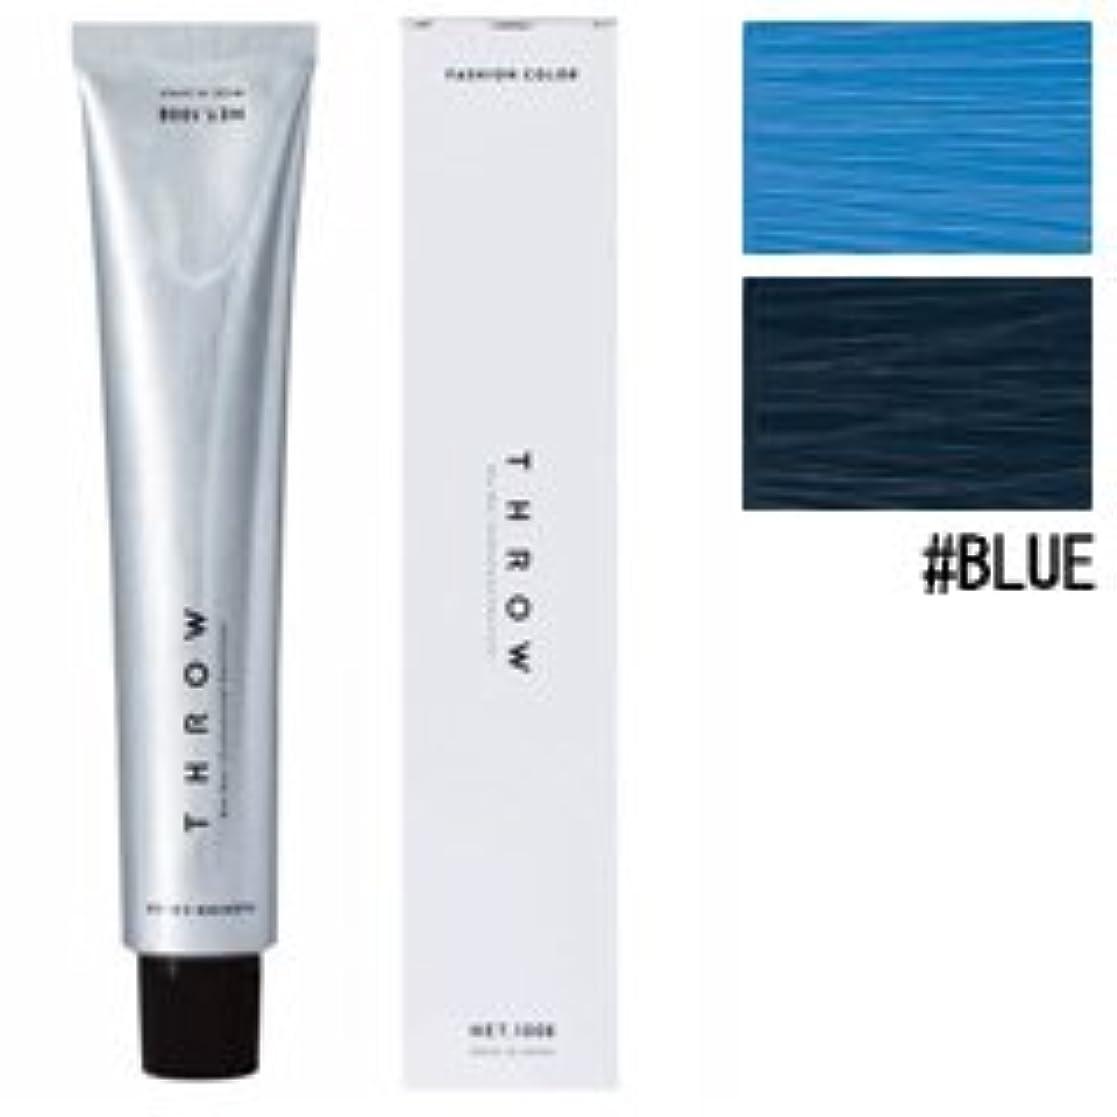 発揮するインセンティブ淡い【モルトベーネ】スロウ ファッションカラー #BLUE 100g